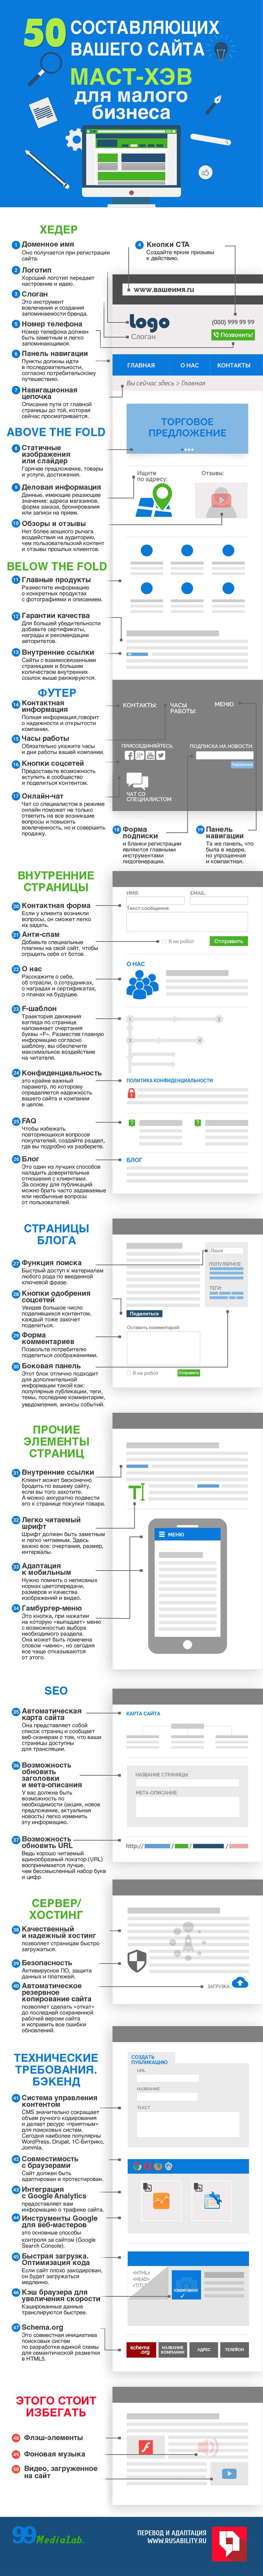 Бизнес, сайт, дизайн, юзабилити, программирование, SEO, вовлечние, лидогенерация, интерфейс, инфографика